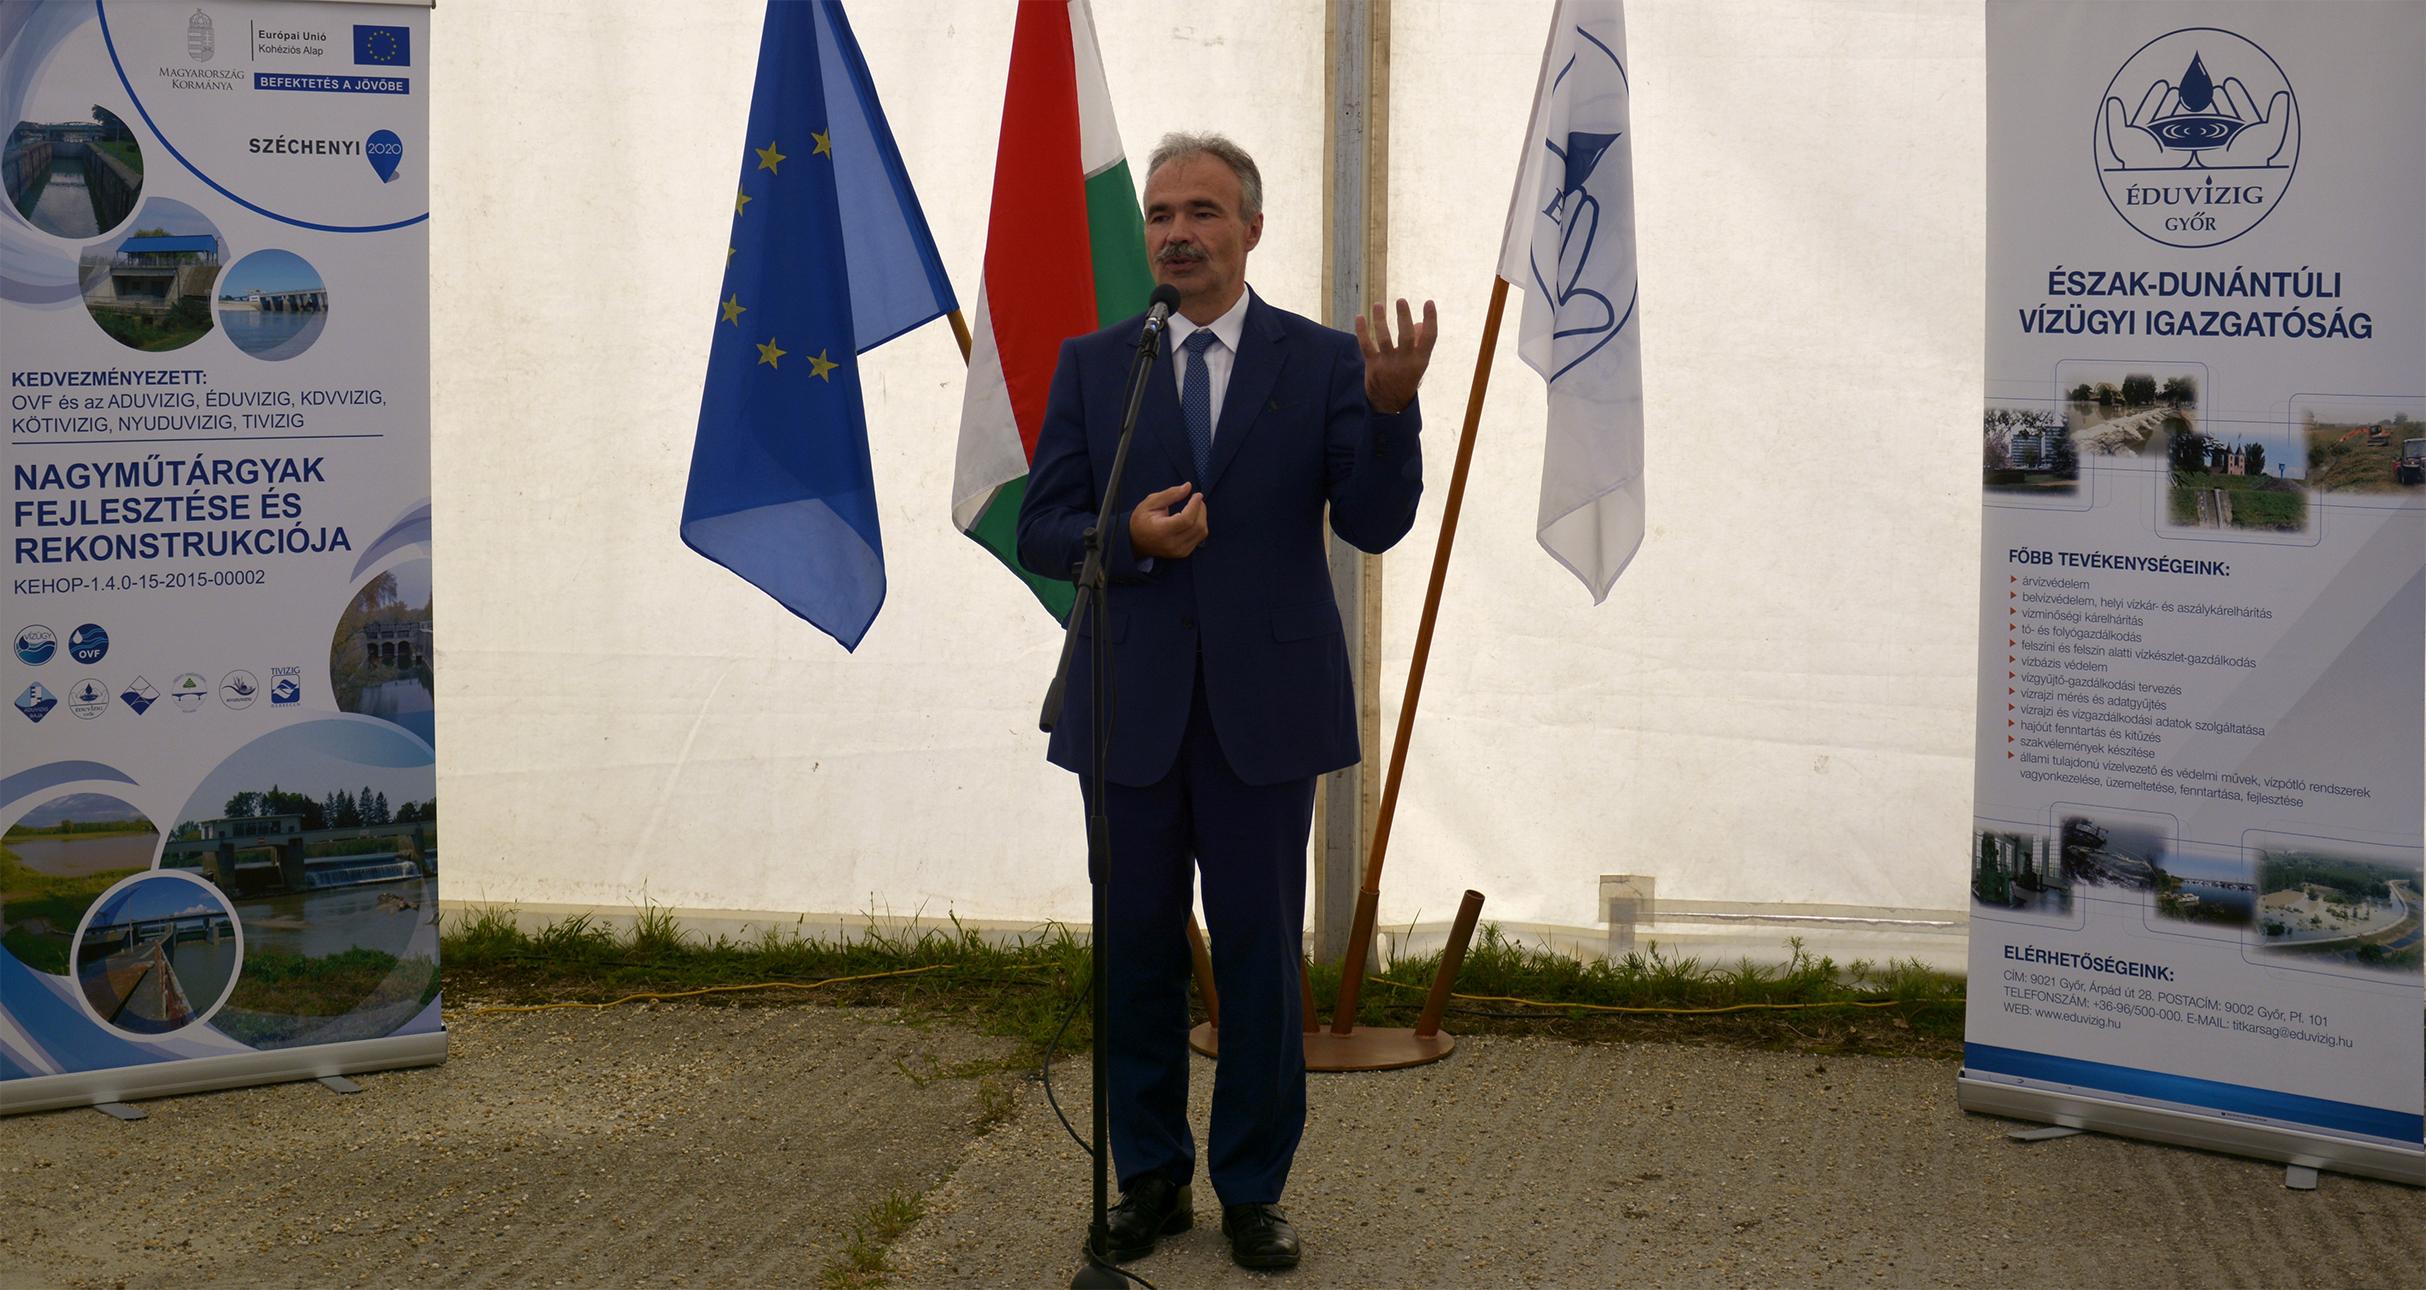 árvízvédelmi és vízvédelmi fejlesztés projektnyitó Dunakilitin - Nagy István miniszter, országgyűlési képviselő